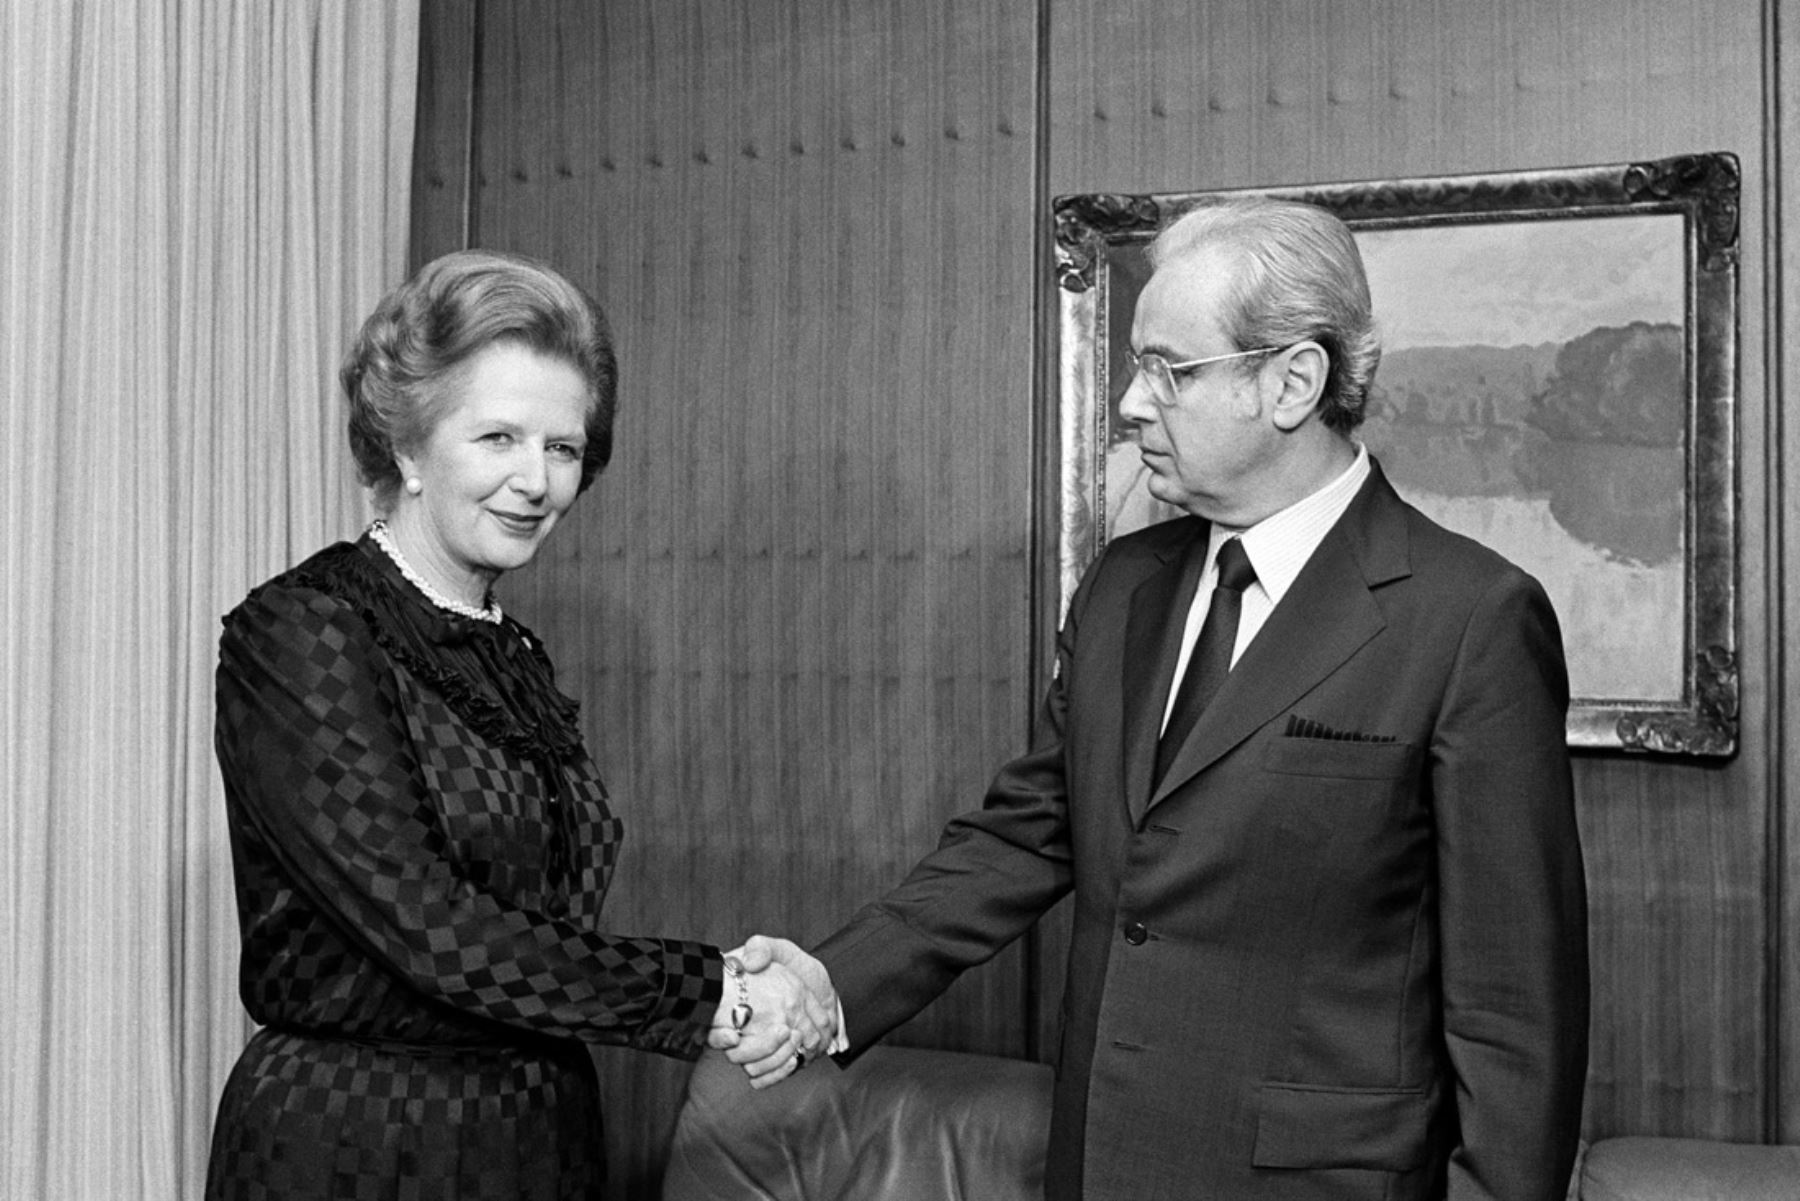 Naciones Unidas, Nueva York - 22 junio 1982 / La Primera Ministra del Reino Unido, Margaret Thatcher, realizó una visita oficial a las Naciones Unidas y se dirigió a la segunda sesión especial de la Asamblea General sobre Desarme. Fue recibida por el secretario general Javier Pérez de Cuéllar. Foto: Naciones Unidas